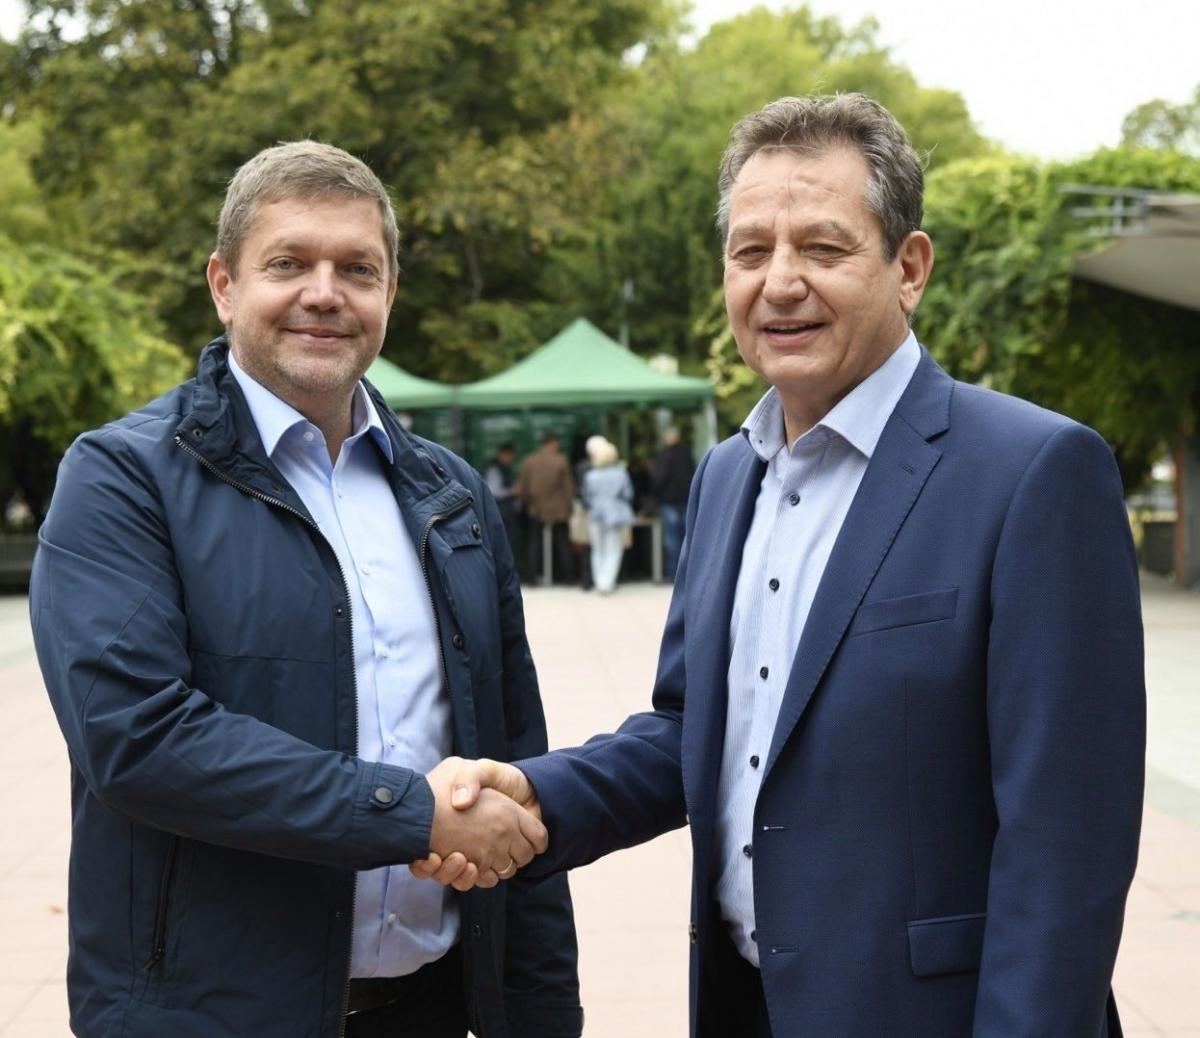 Újabb előválasztási csalás: Kecskeméten 2-4 ezer forintot fizet az MSZP, hogy jelöltjükre és Karácsonyra szavazzanak az emberek